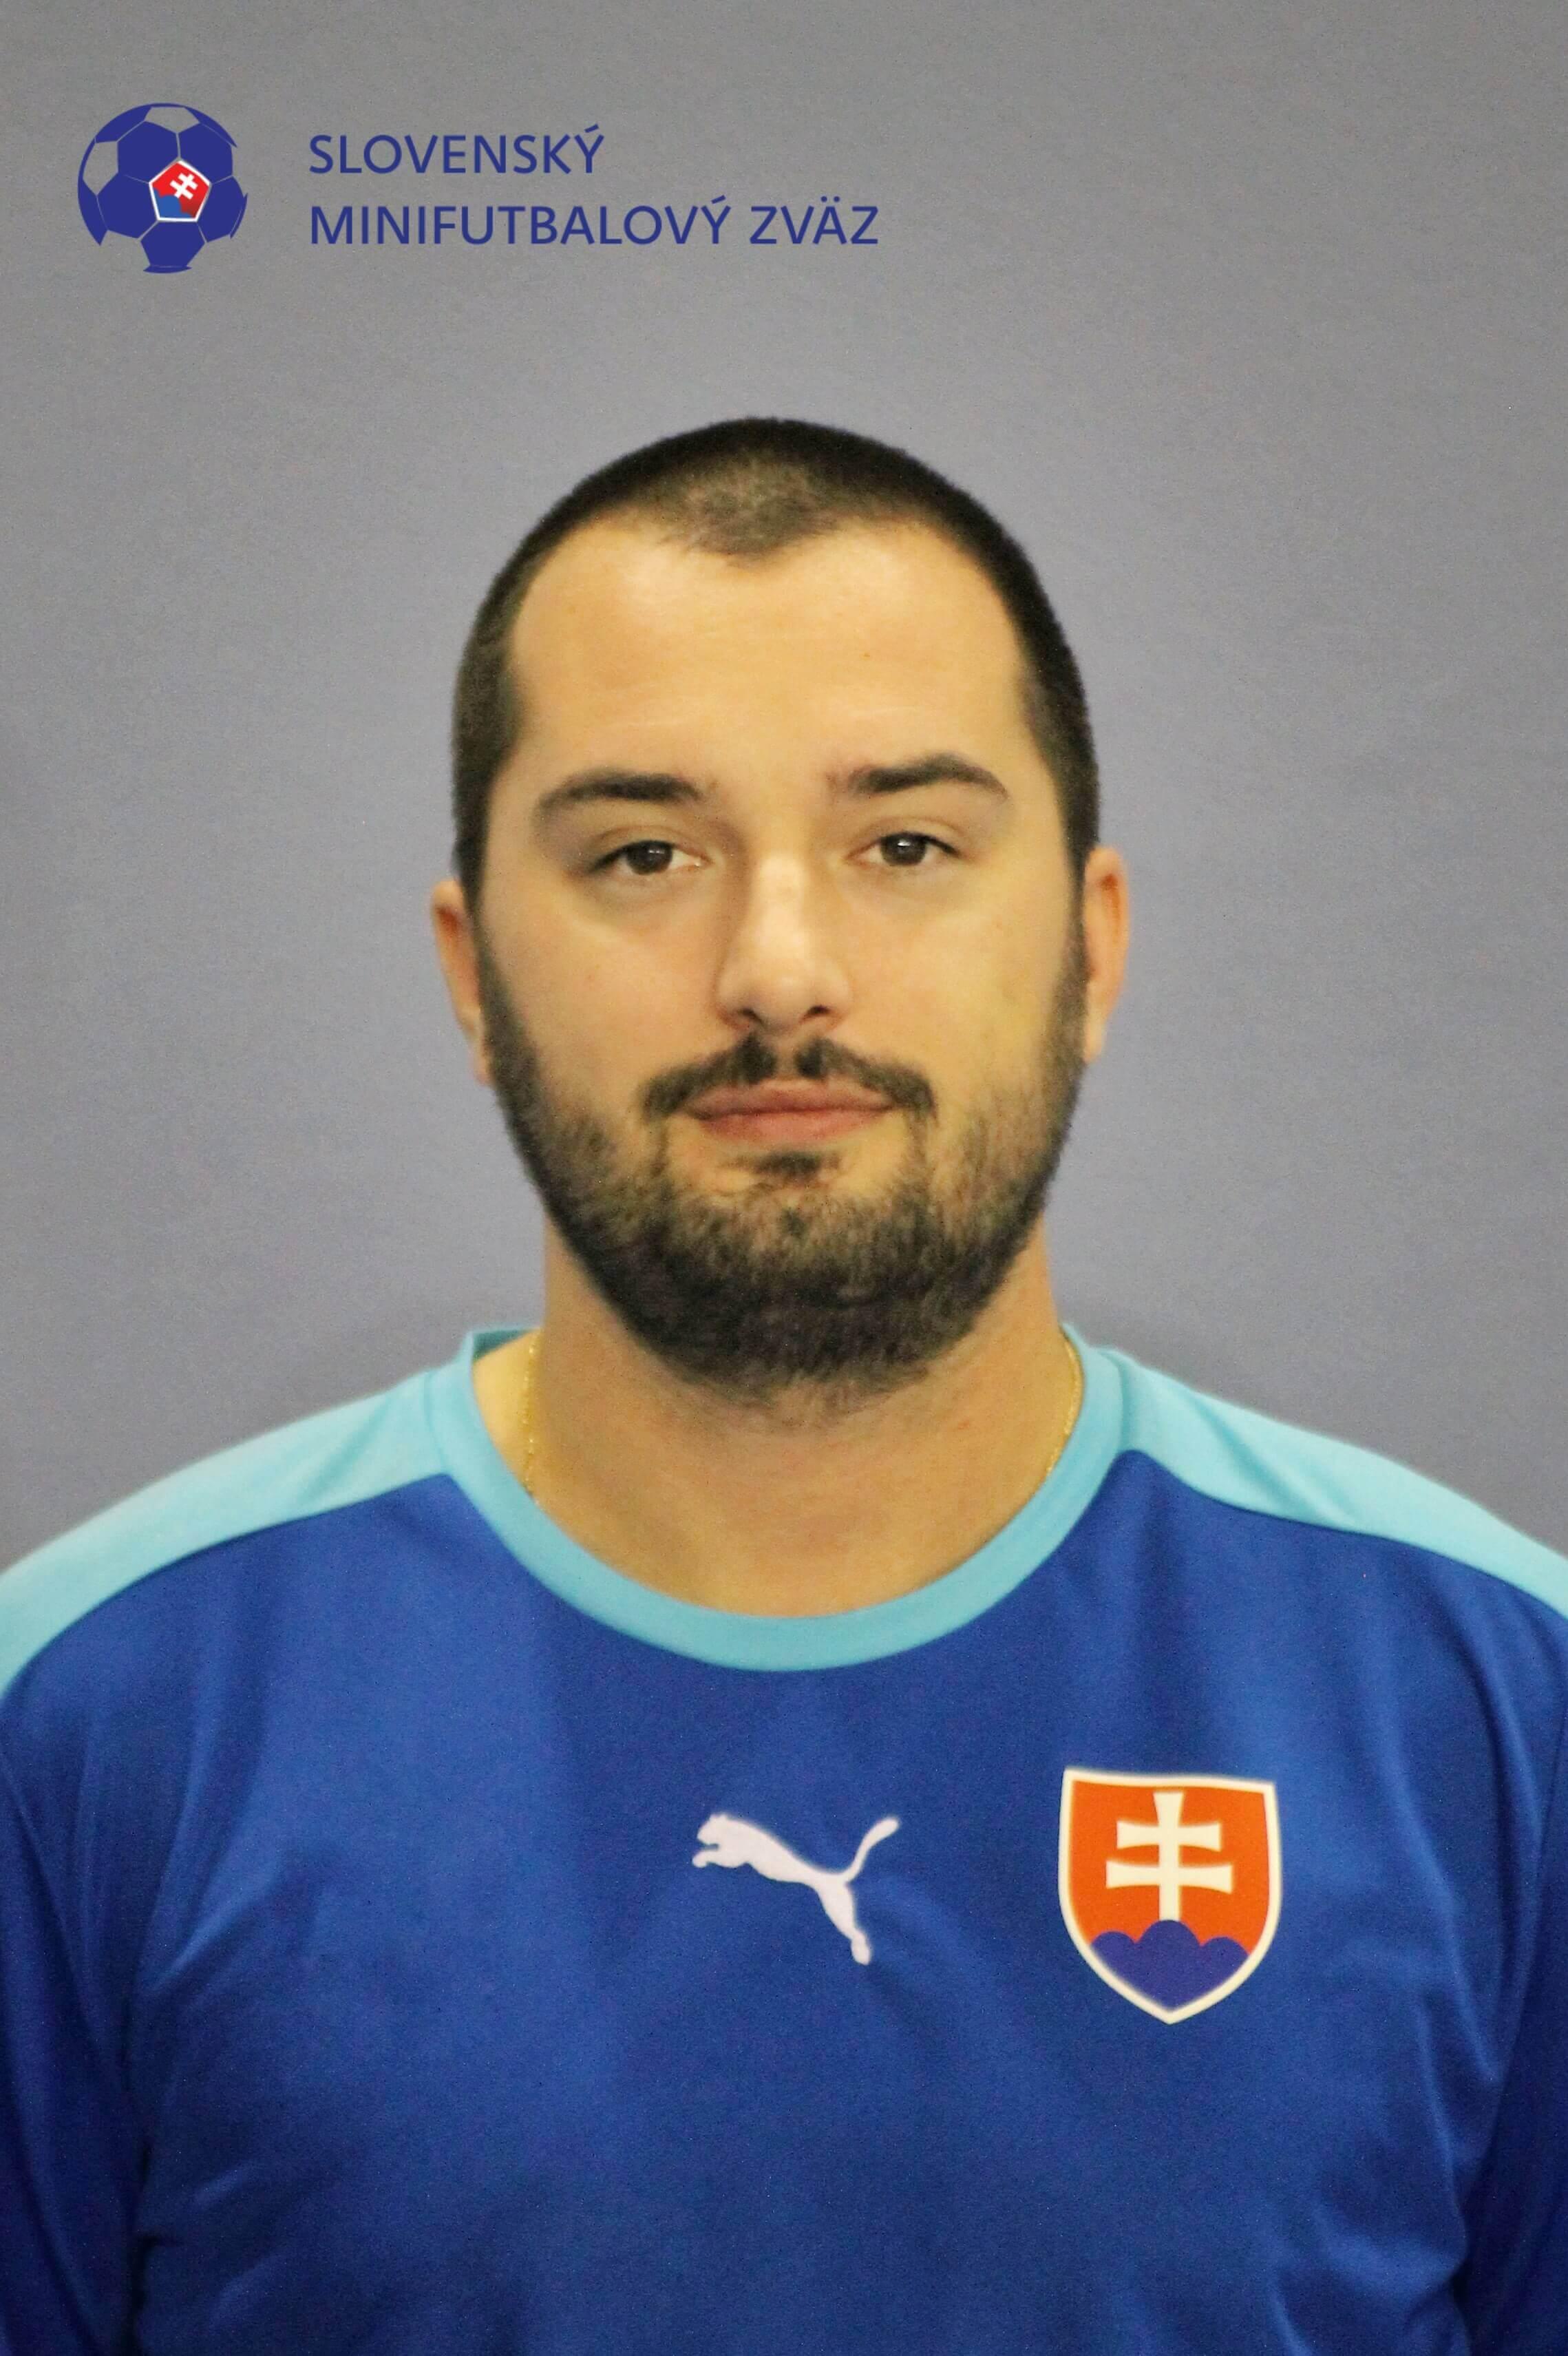 Javer Gusejnov